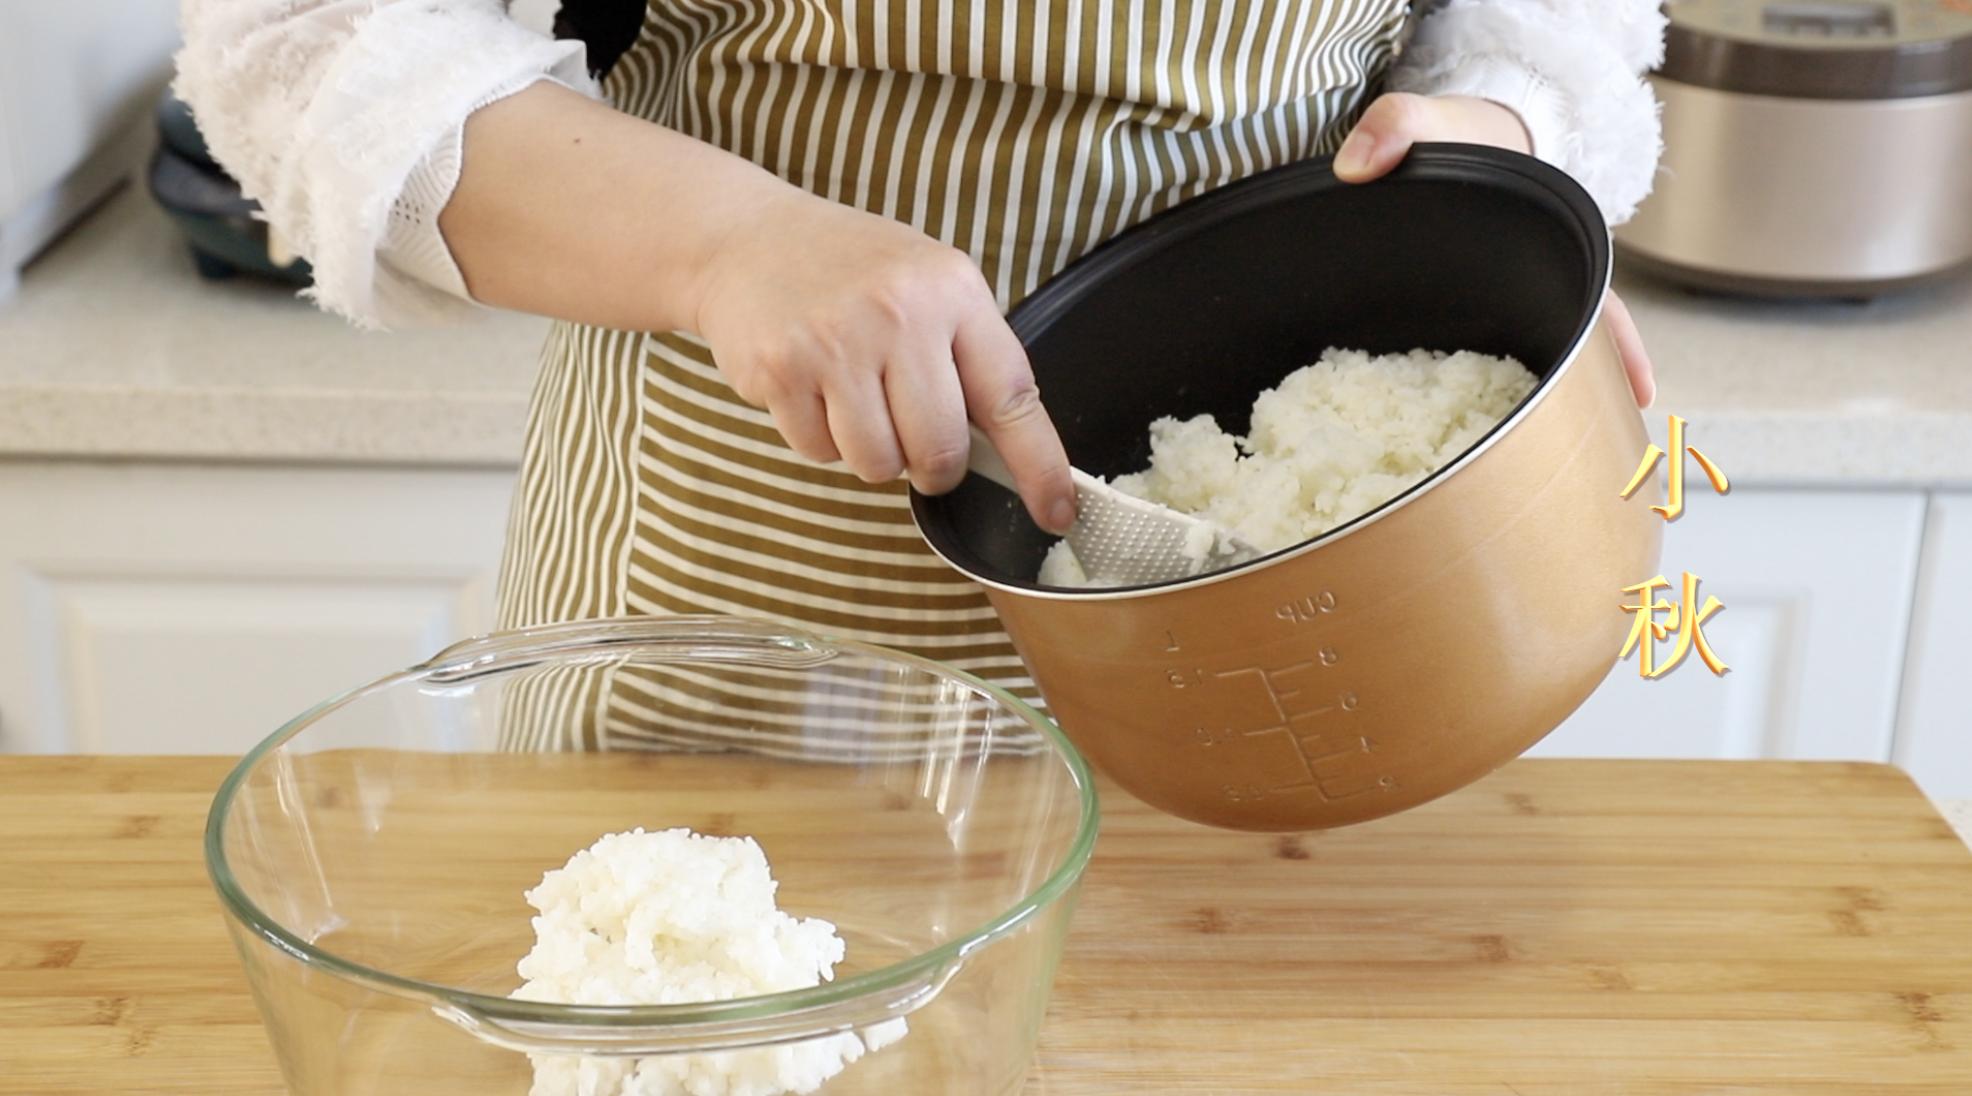 爱吃辣条的有福了,教你在家用剩米饭就能做,麻辣好吃无添加 美食做法 第3张